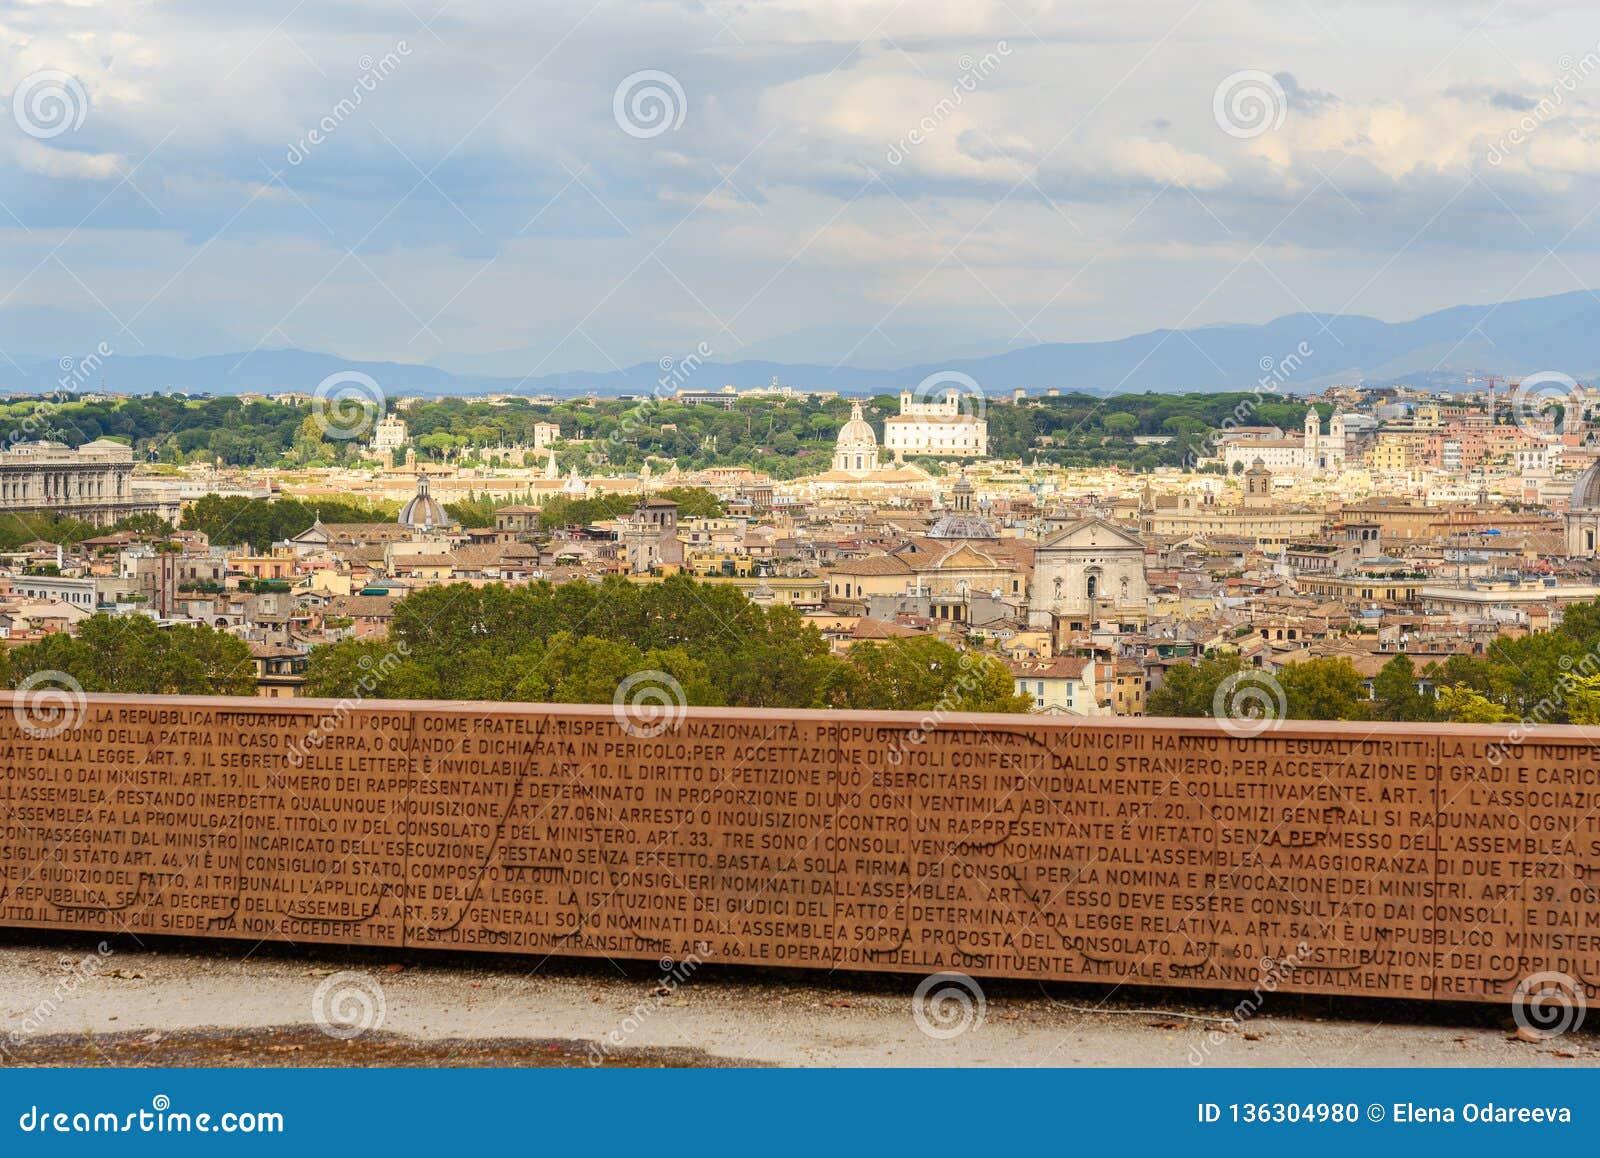 Τοίχος του συντάγματος της ρωμαϊκής Δημοκρατίας στο λόφο Janiculum, Terrazza del Gianicolo στη Ρώμη Ιταλία